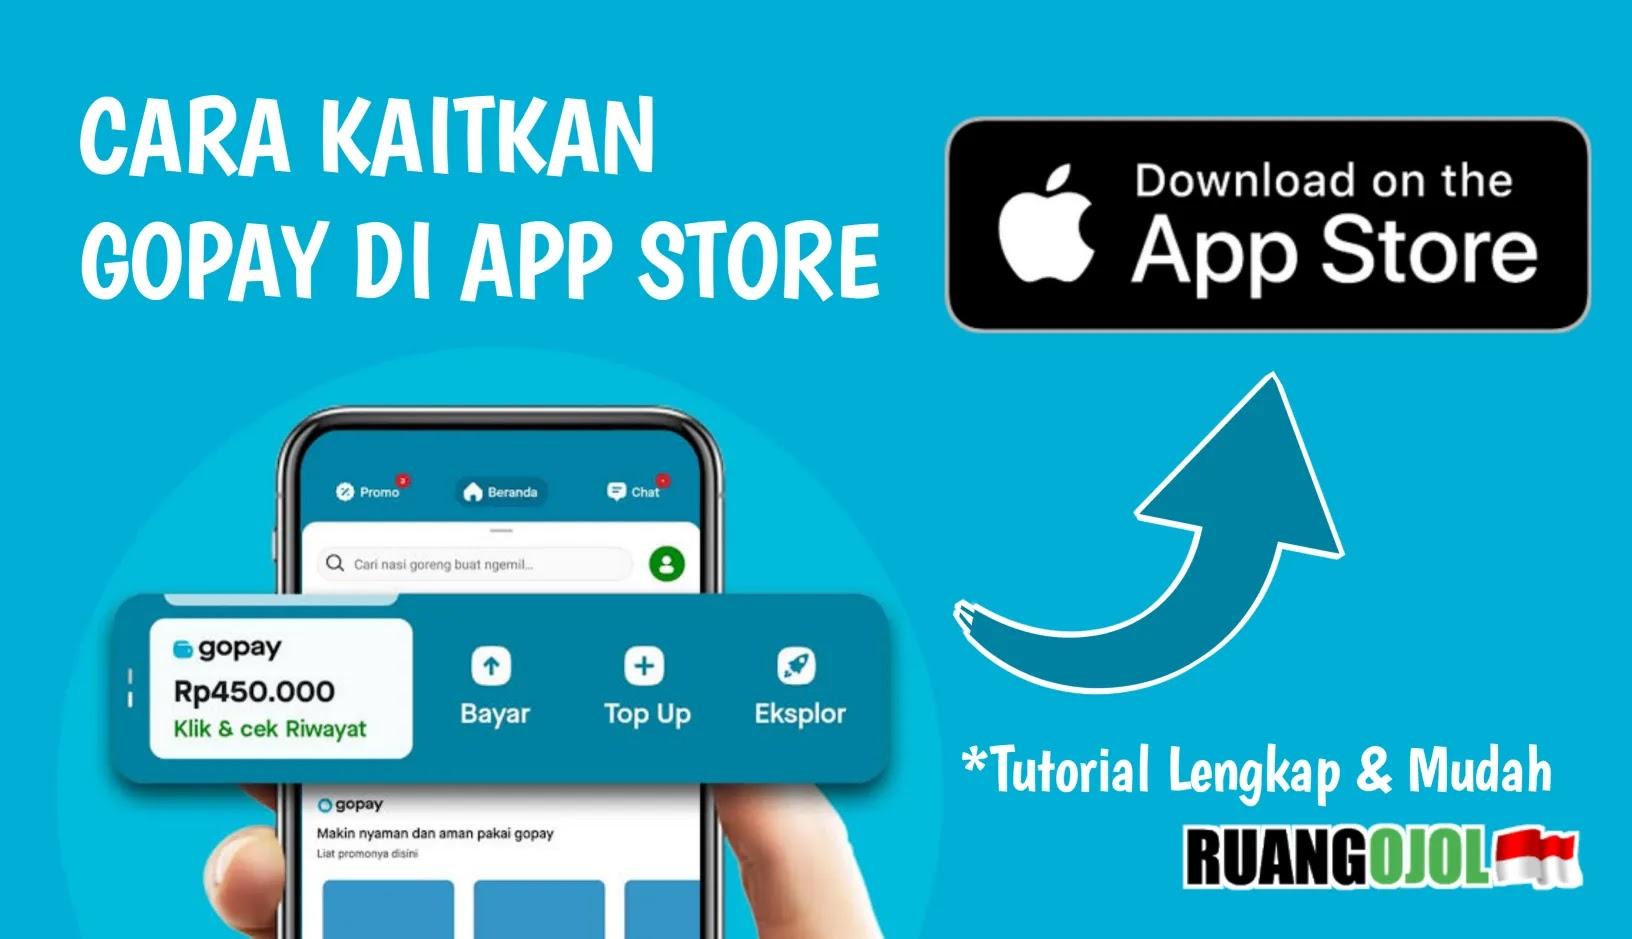 Cara Mengaitkan Gopay di App Store Terbaru  dan Manfaatnya!